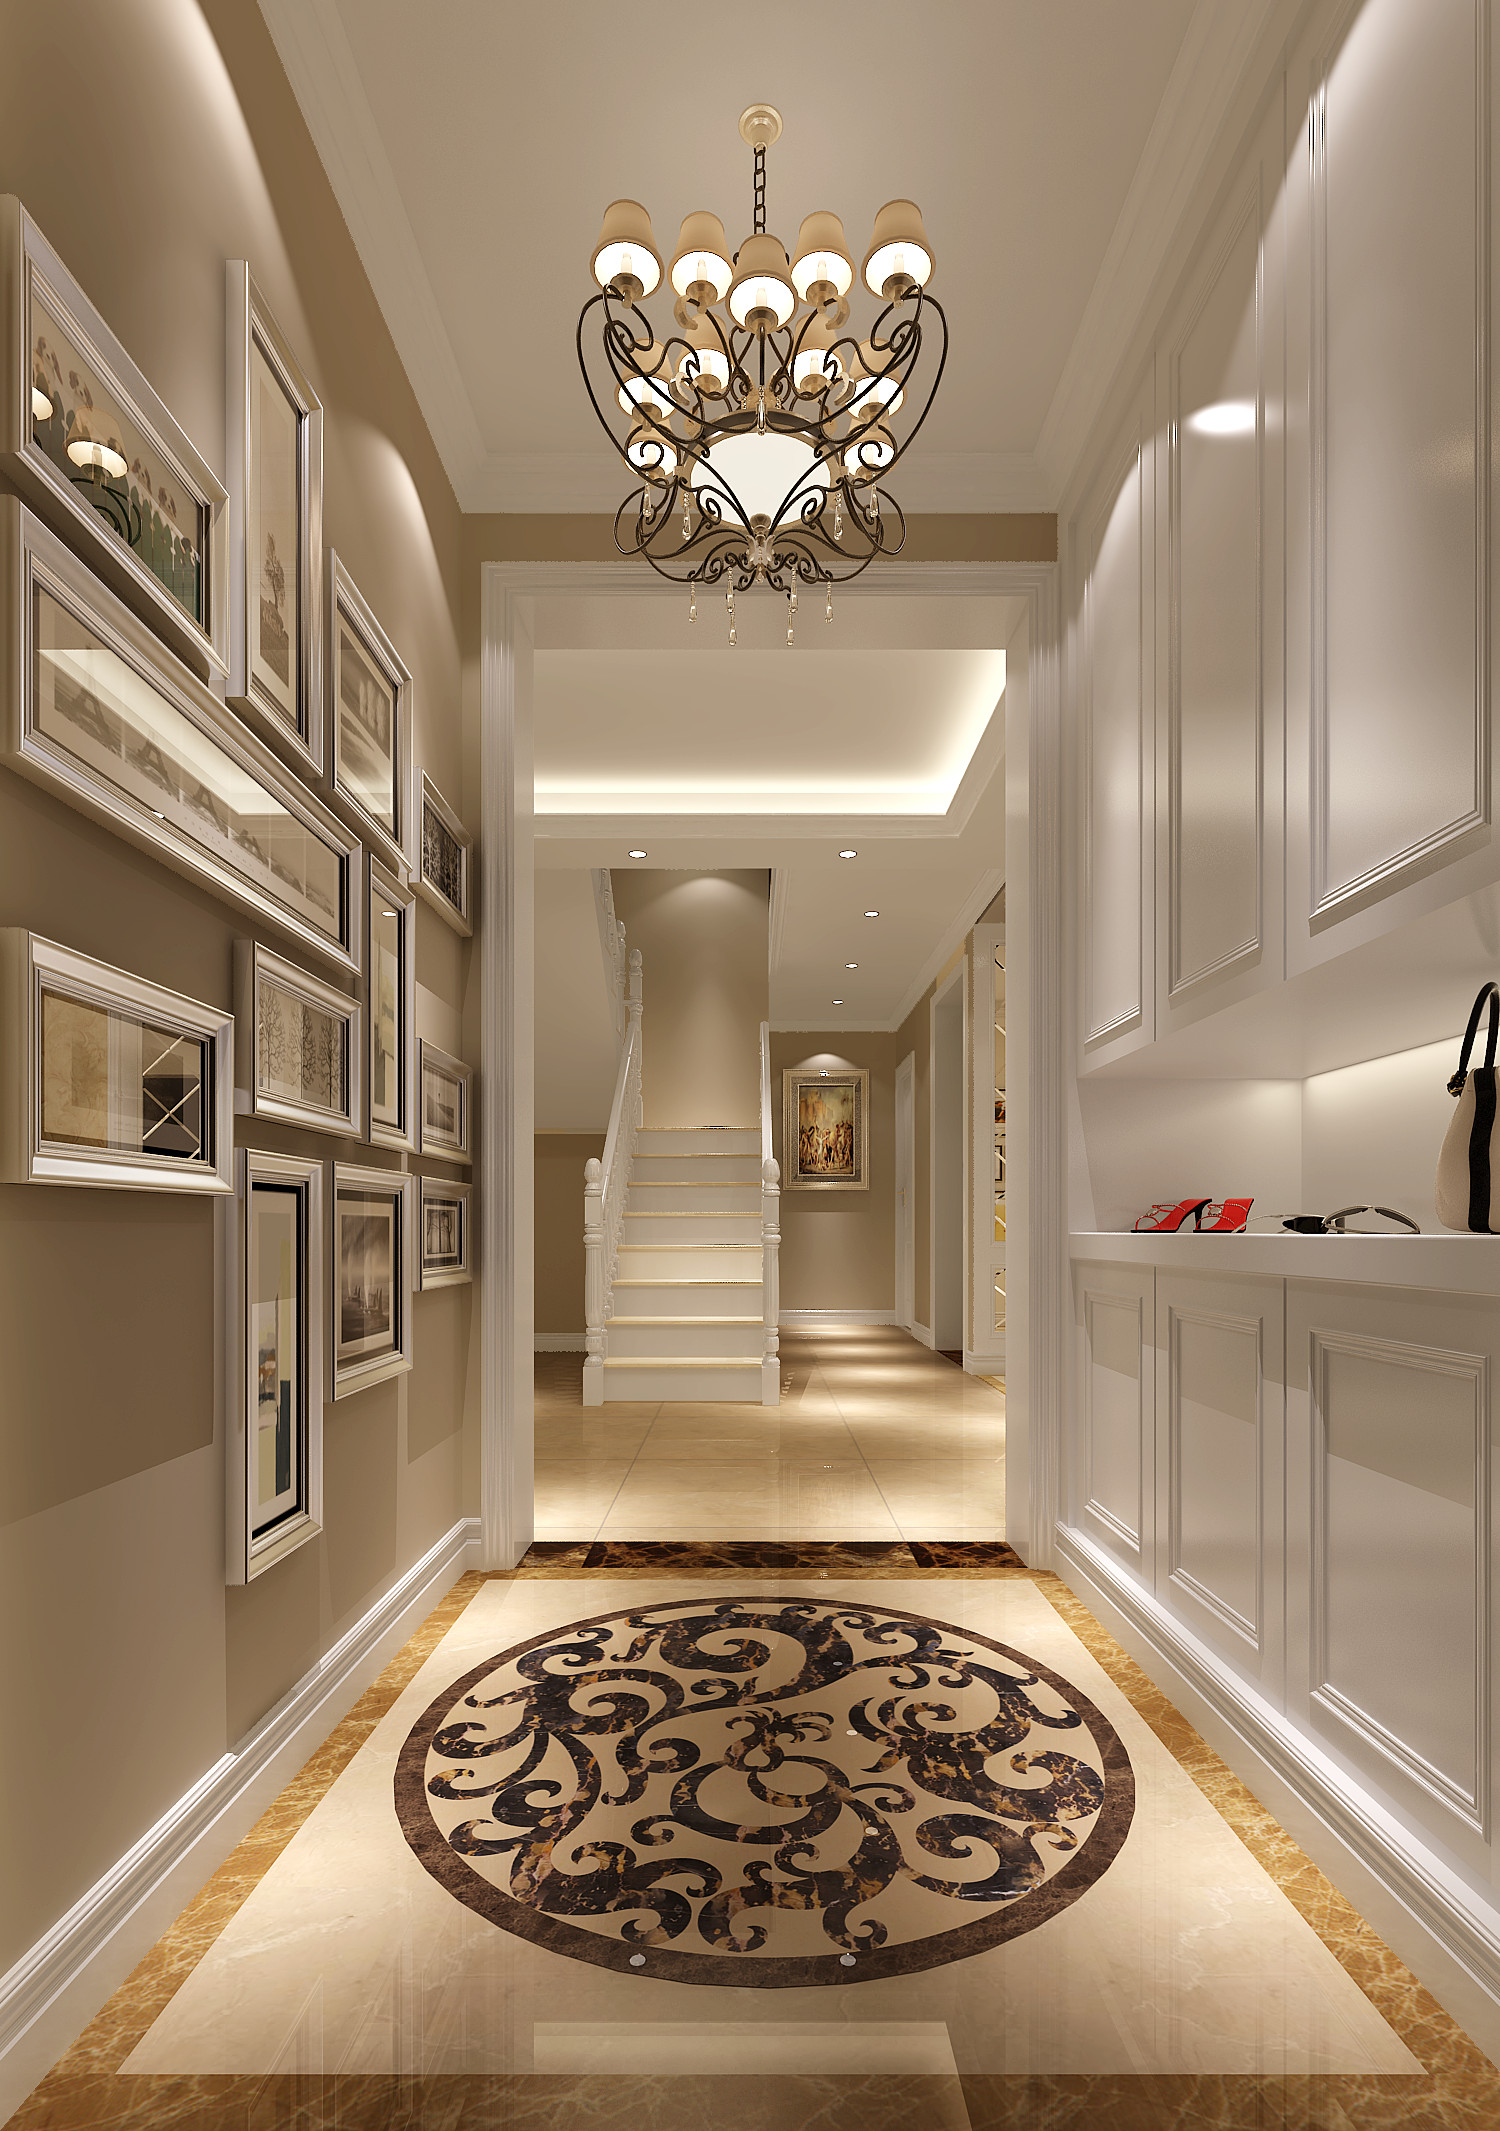 简约 欧式 公寓 别墅 白领 小资 玄关图片来自沙漠雪雨在正源13.5万打造151平简欧公寓的分享